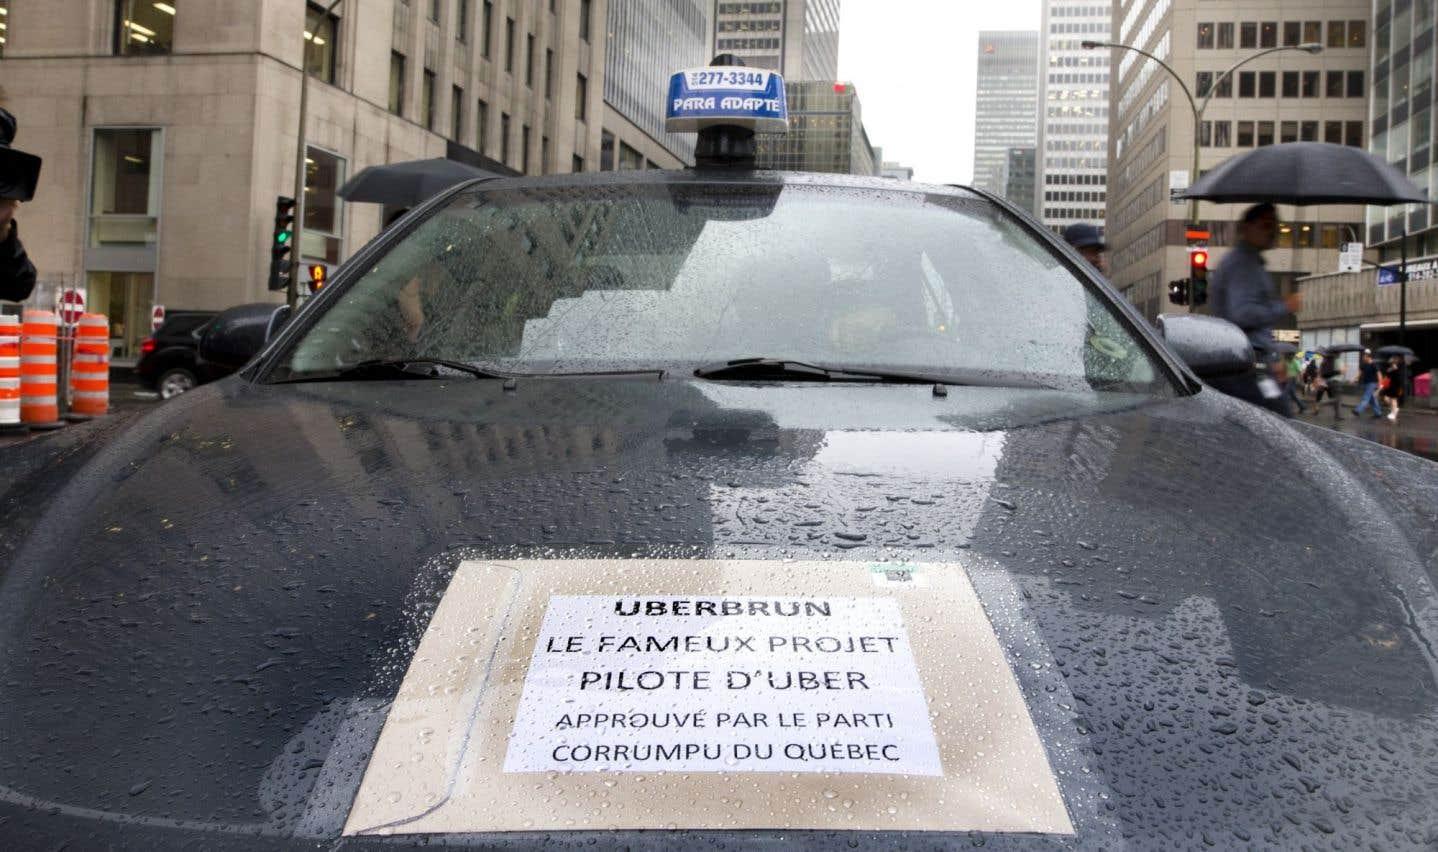 En septembre, une manifestation de chauffeurs de taxi s'est tenue à Montréal en opposition au projet-pilote permettant à Uber d'opérer au Québec.